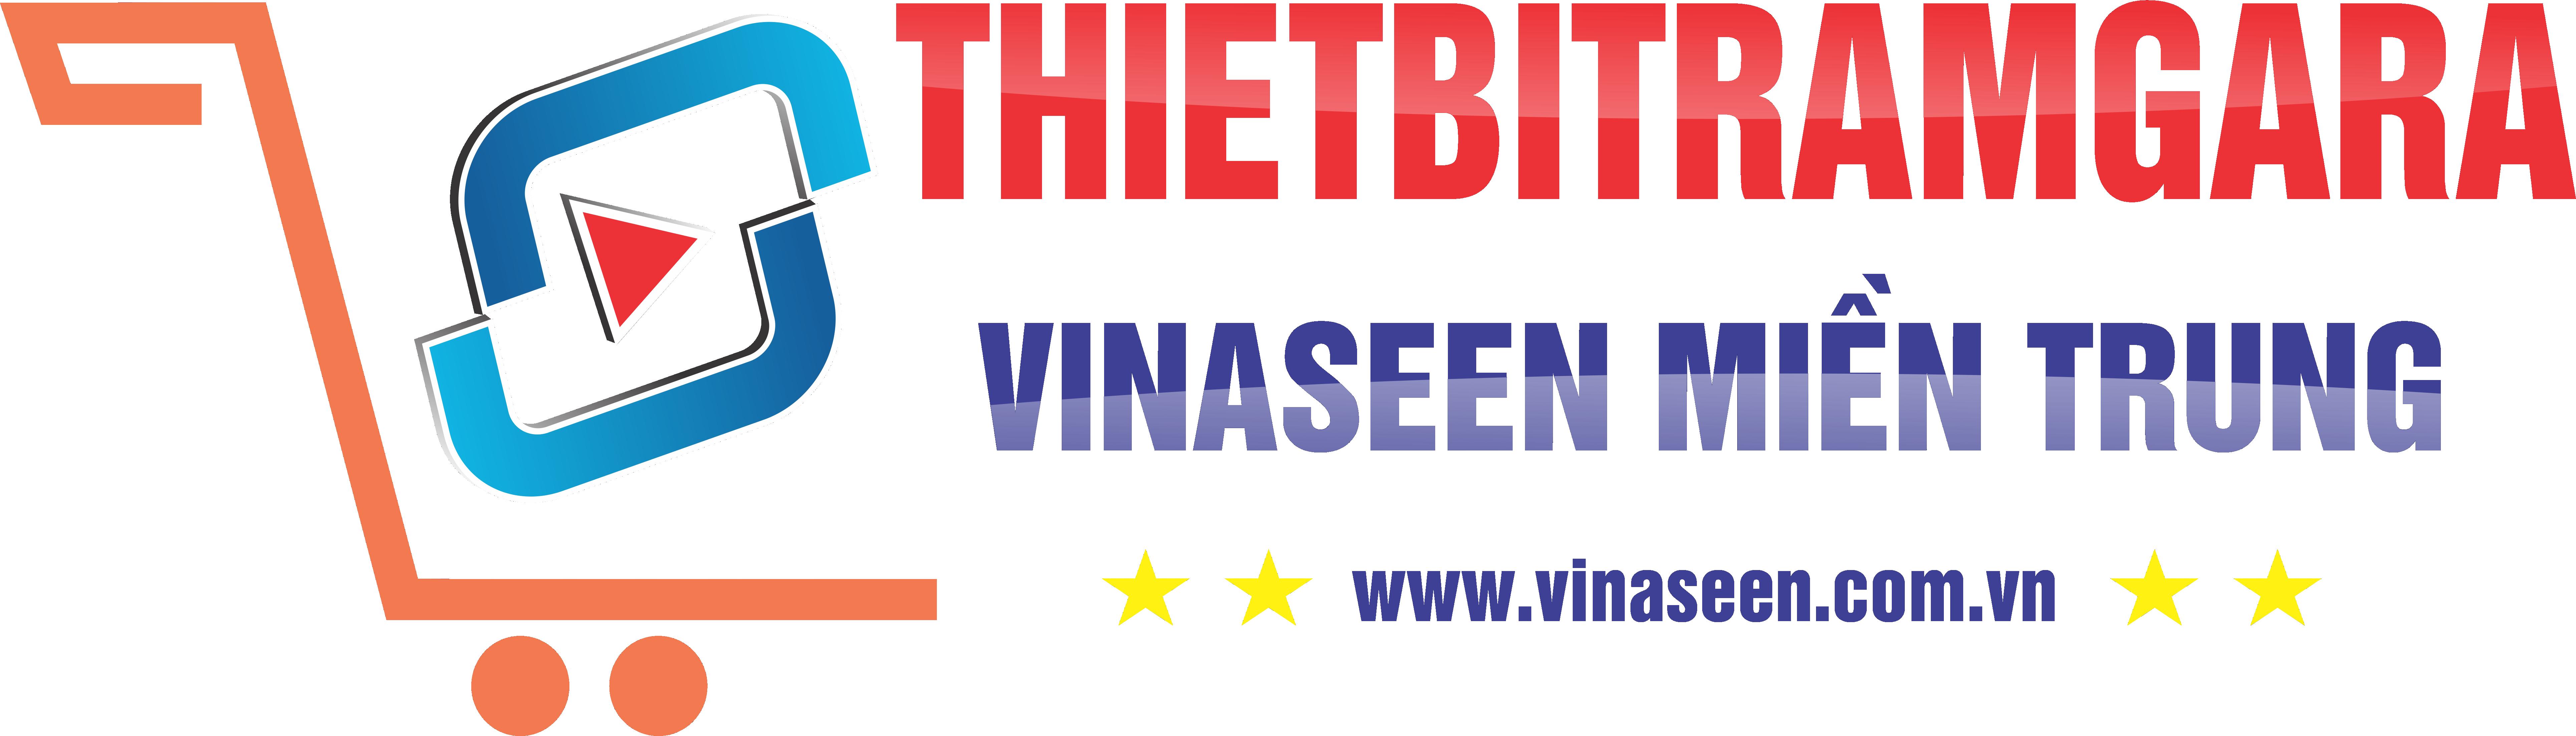 thietbitramgara.com